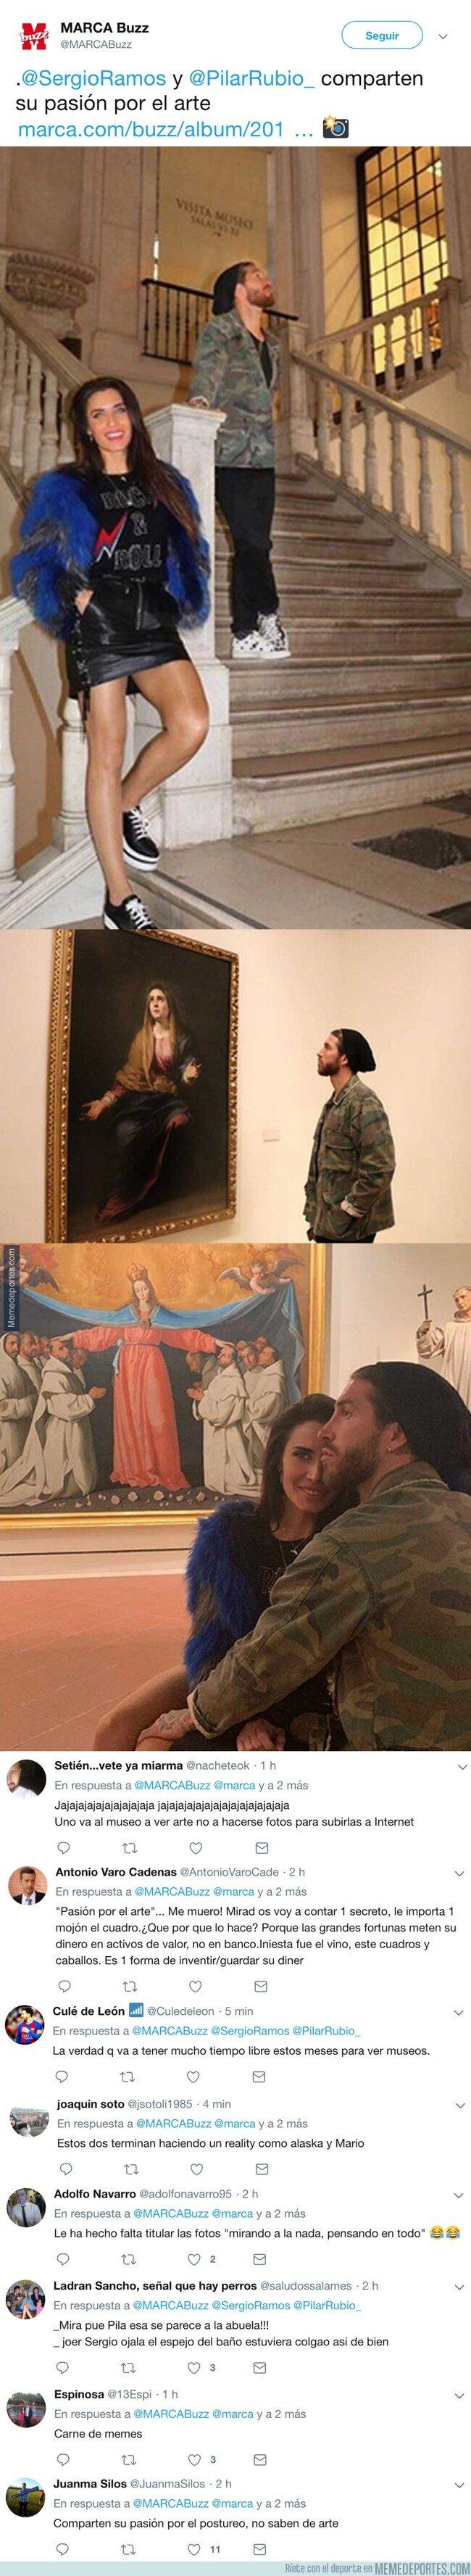 1070724 - Según Marca, Ramos y su mujer son expertos en arte. Gracias que tenemos los comentarios